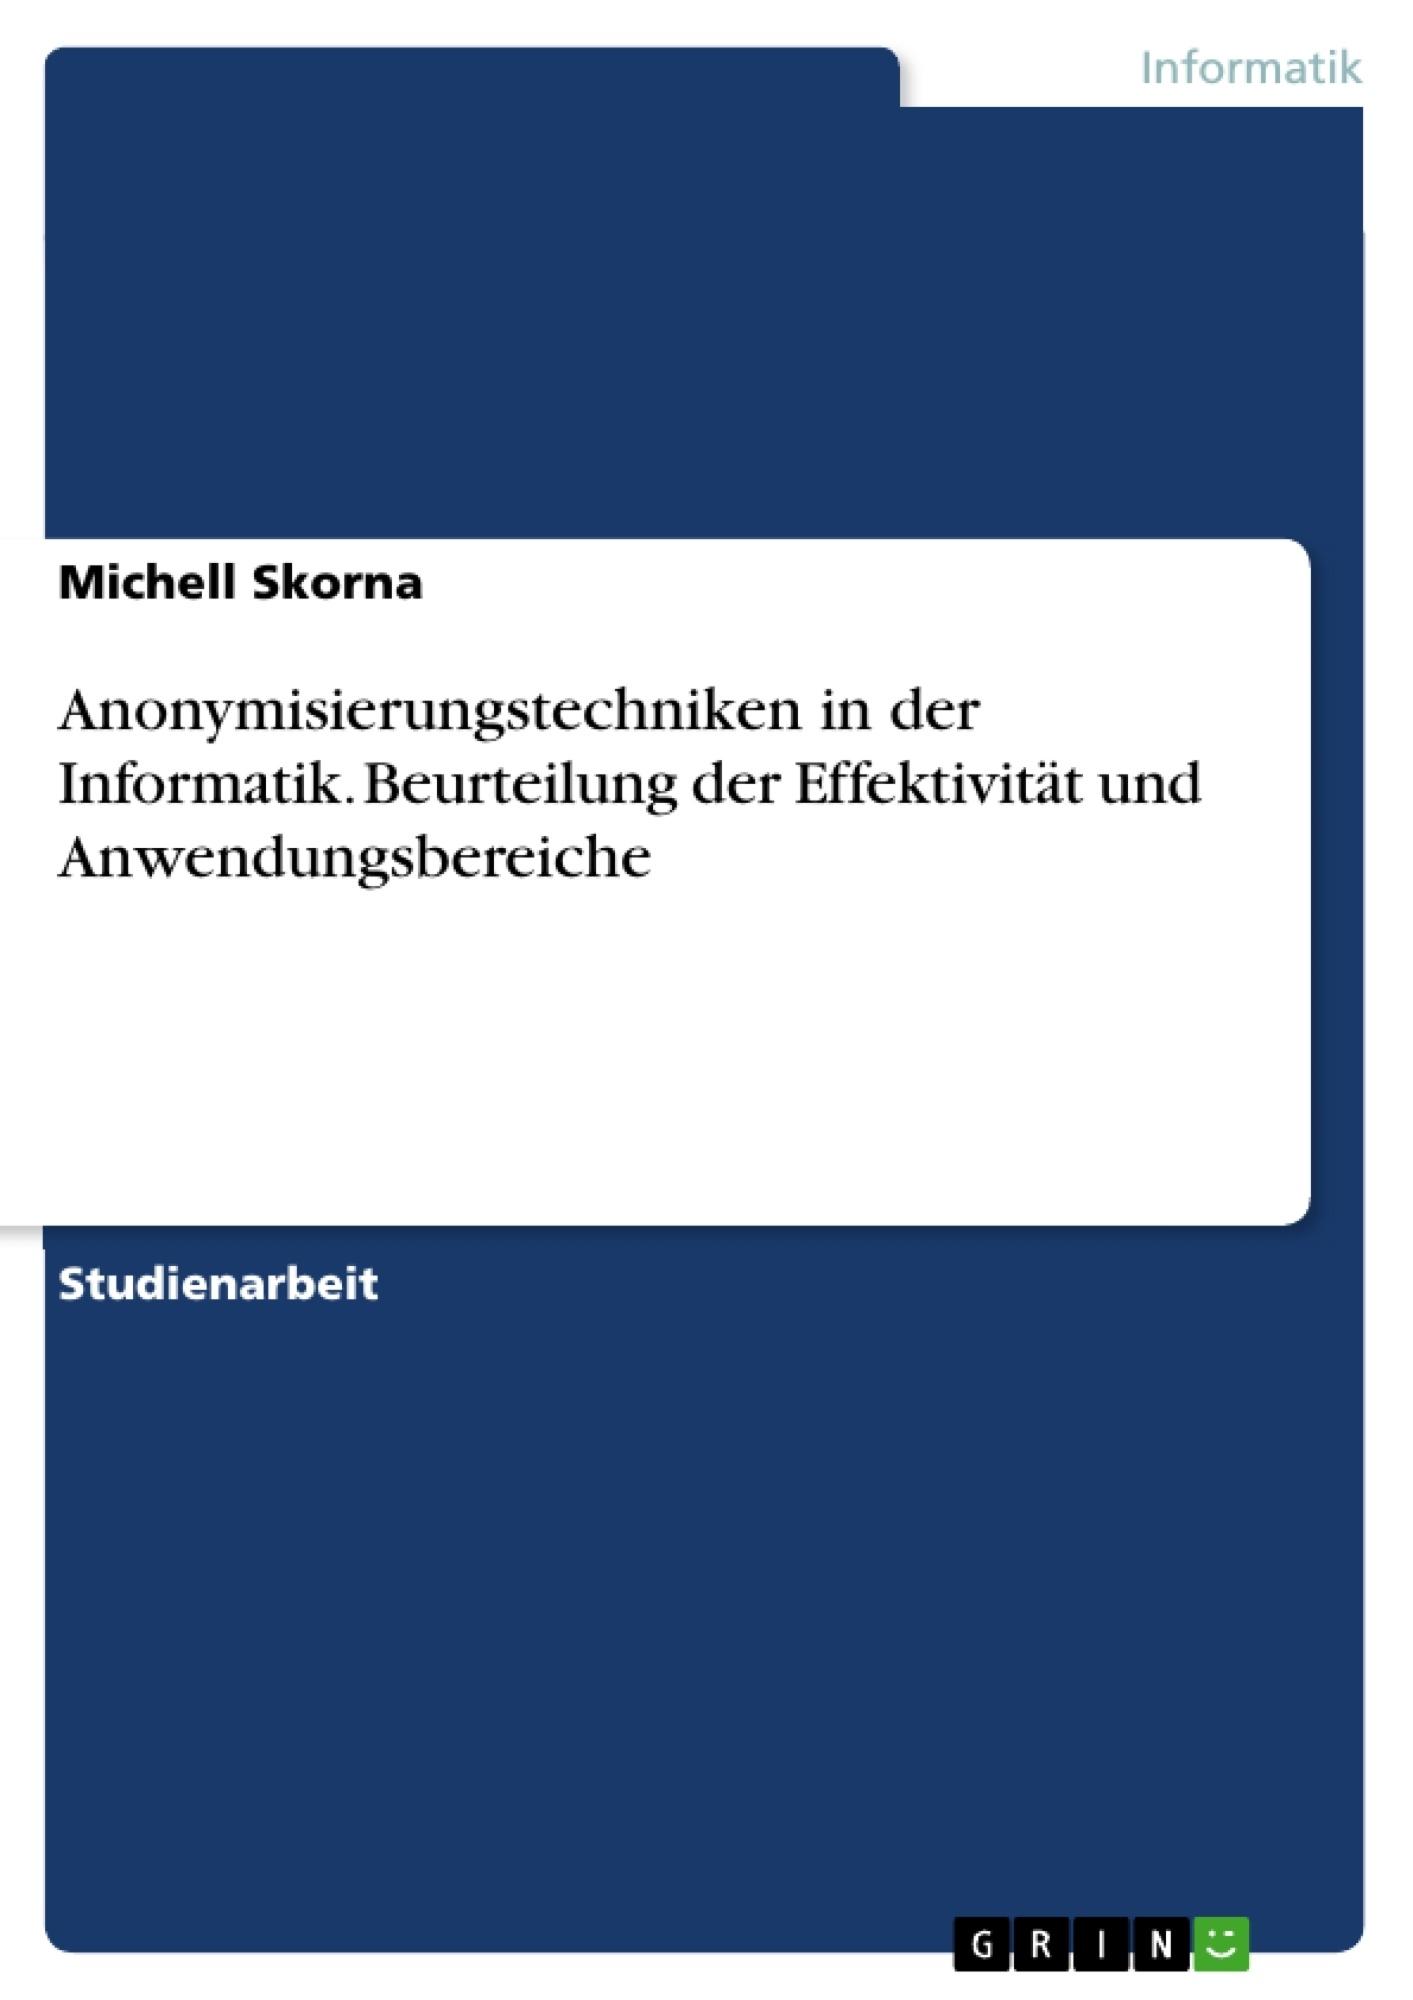 Titel: Anonymisierungstechniken in der Informatik. Beurteilung der Effektivität und Anwendungsbereiche